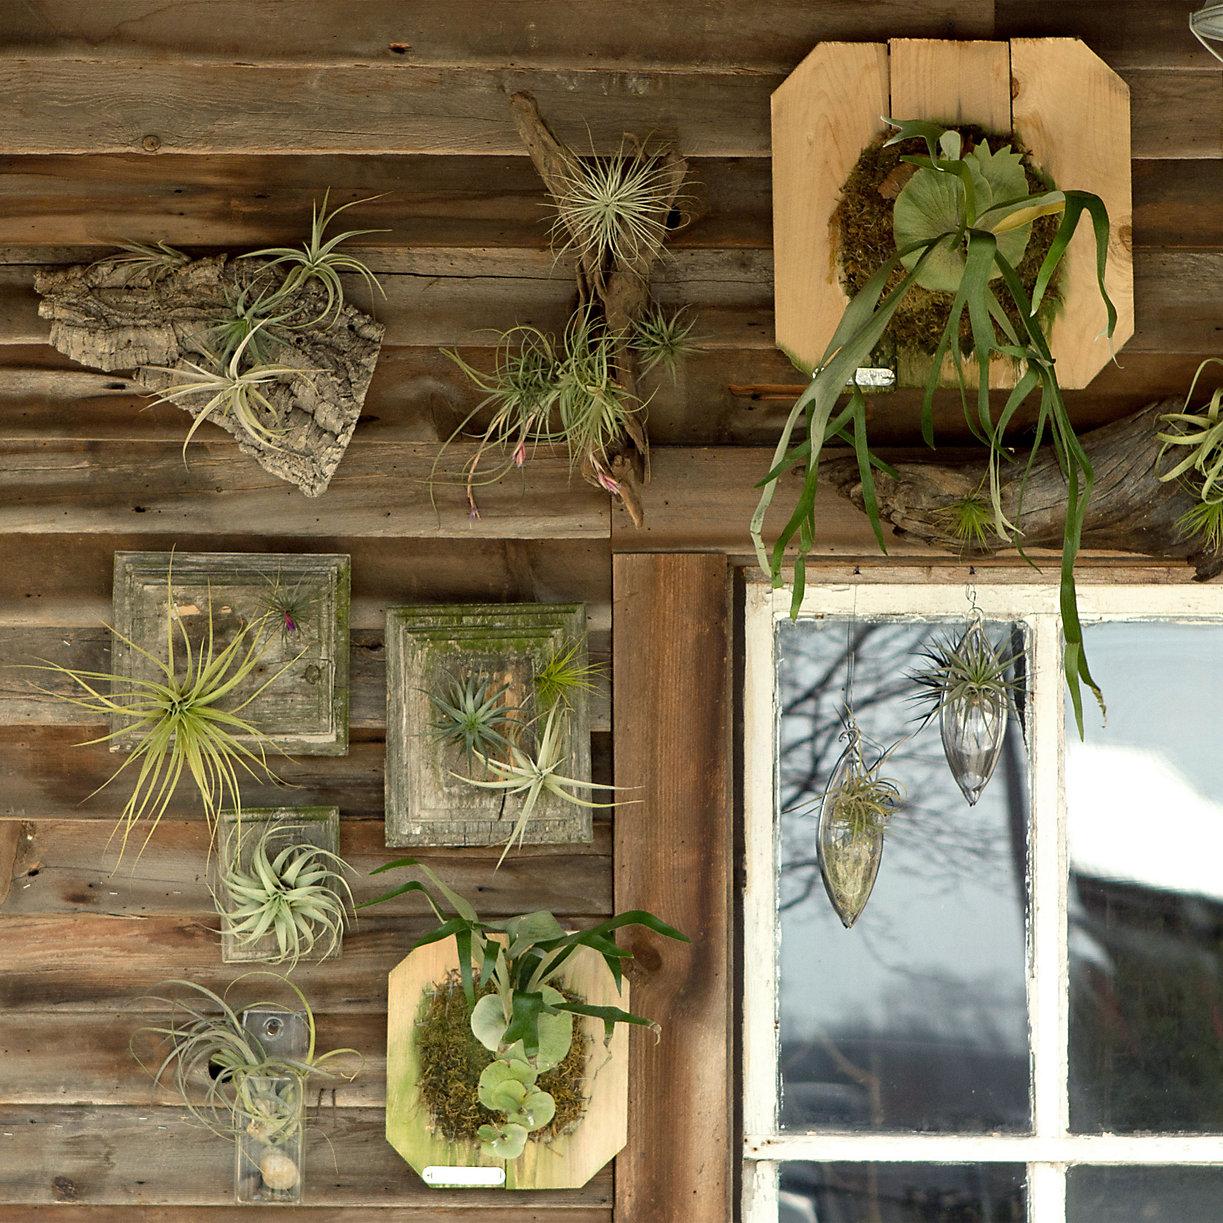 Terrain Home Decor: The Partially Practical Purveyor